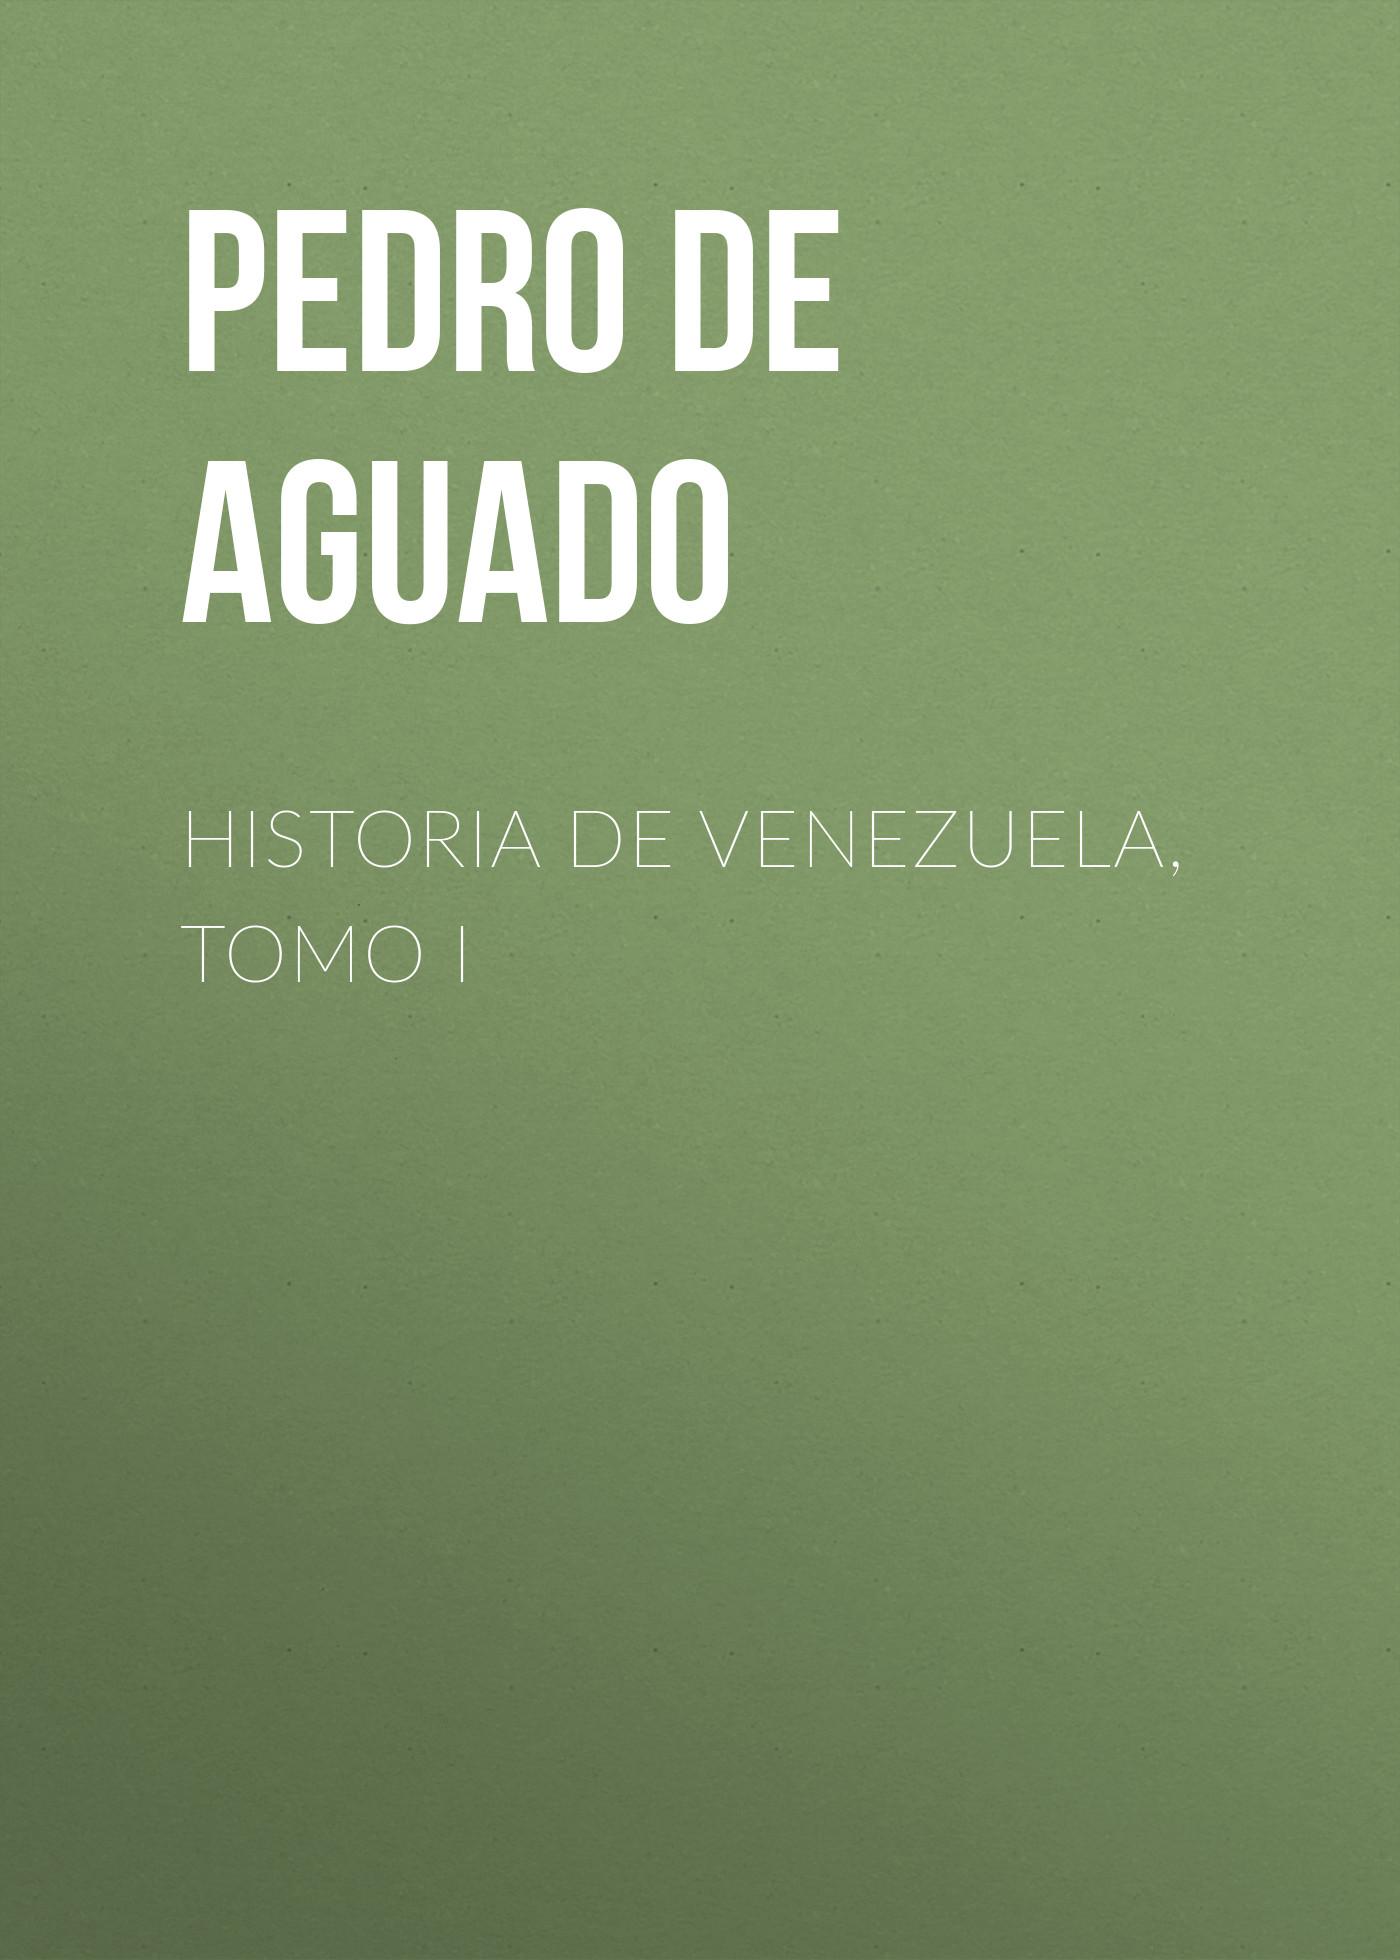 Pedro de Aguado Historia de Venezuela, Tomo I fernão lopes chronica de el rei d pedro i portuguese edition